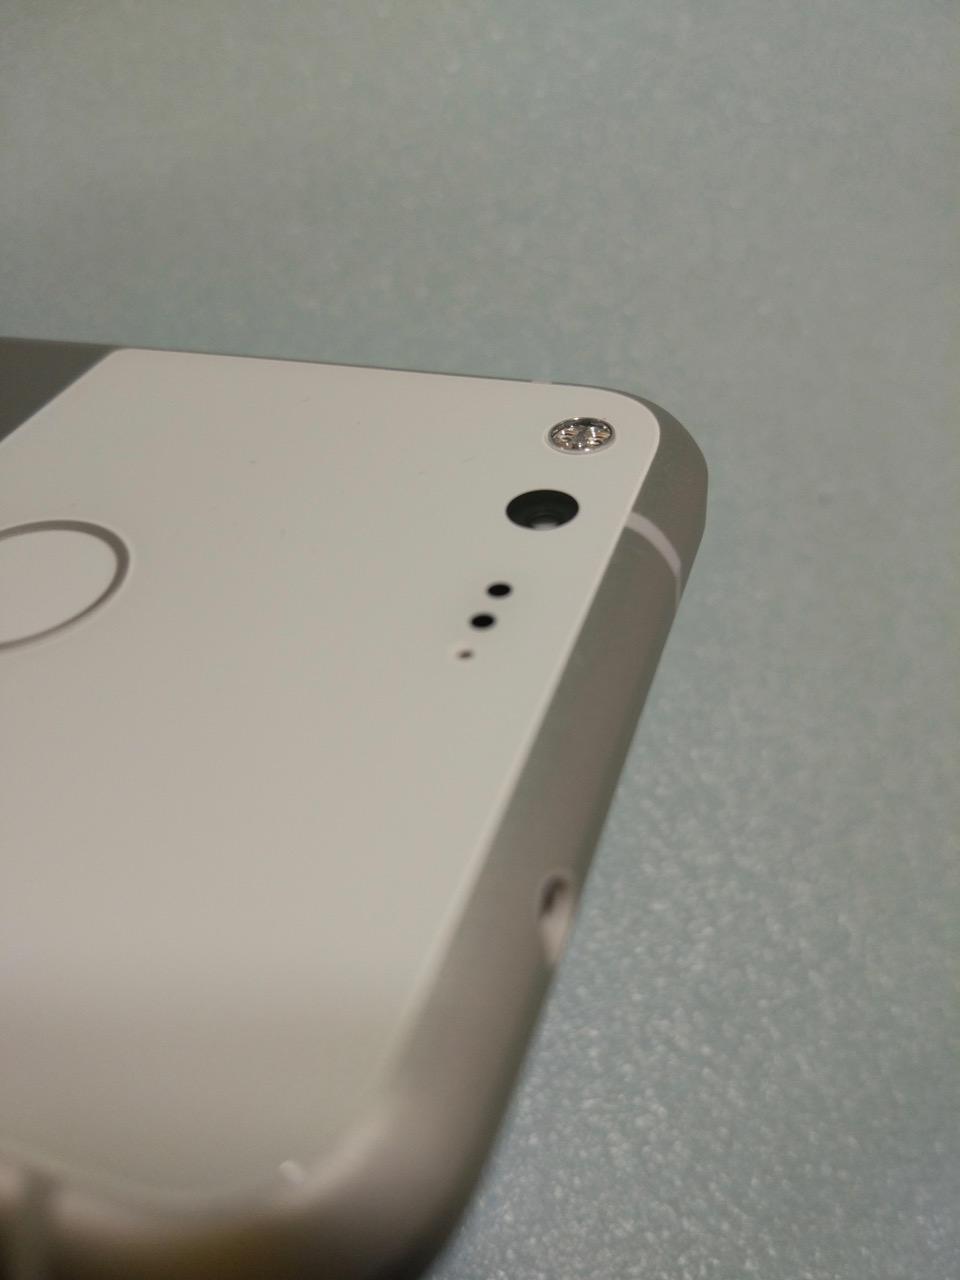 google-pixel-review-phone-camera-lens-dual-tone-flash